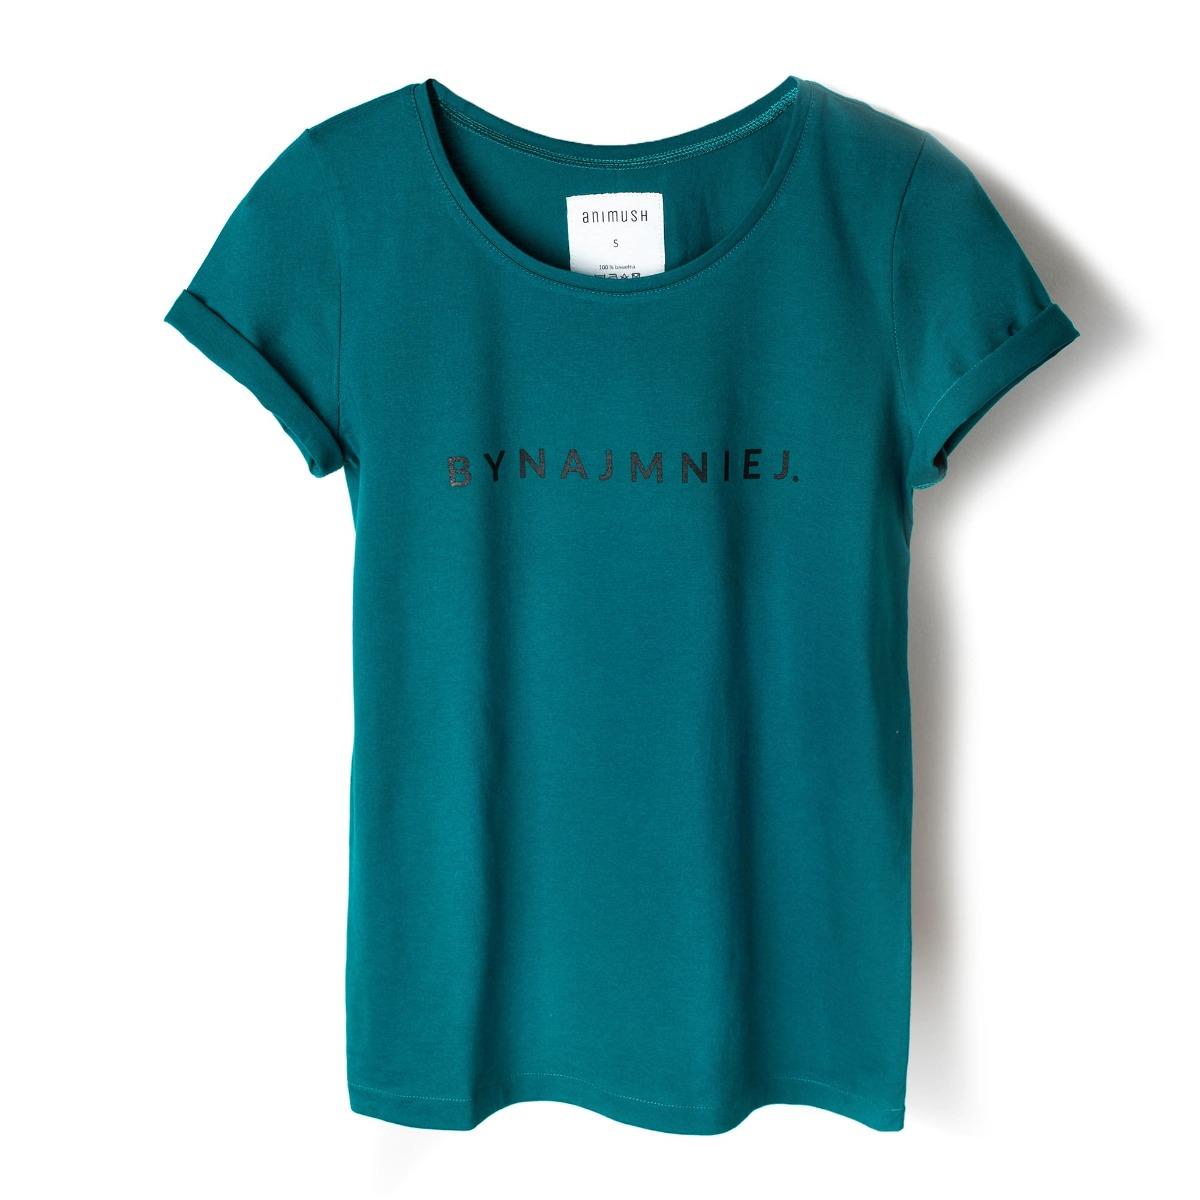 T-shirt szmaragdowy BYNAJMNIEJ.